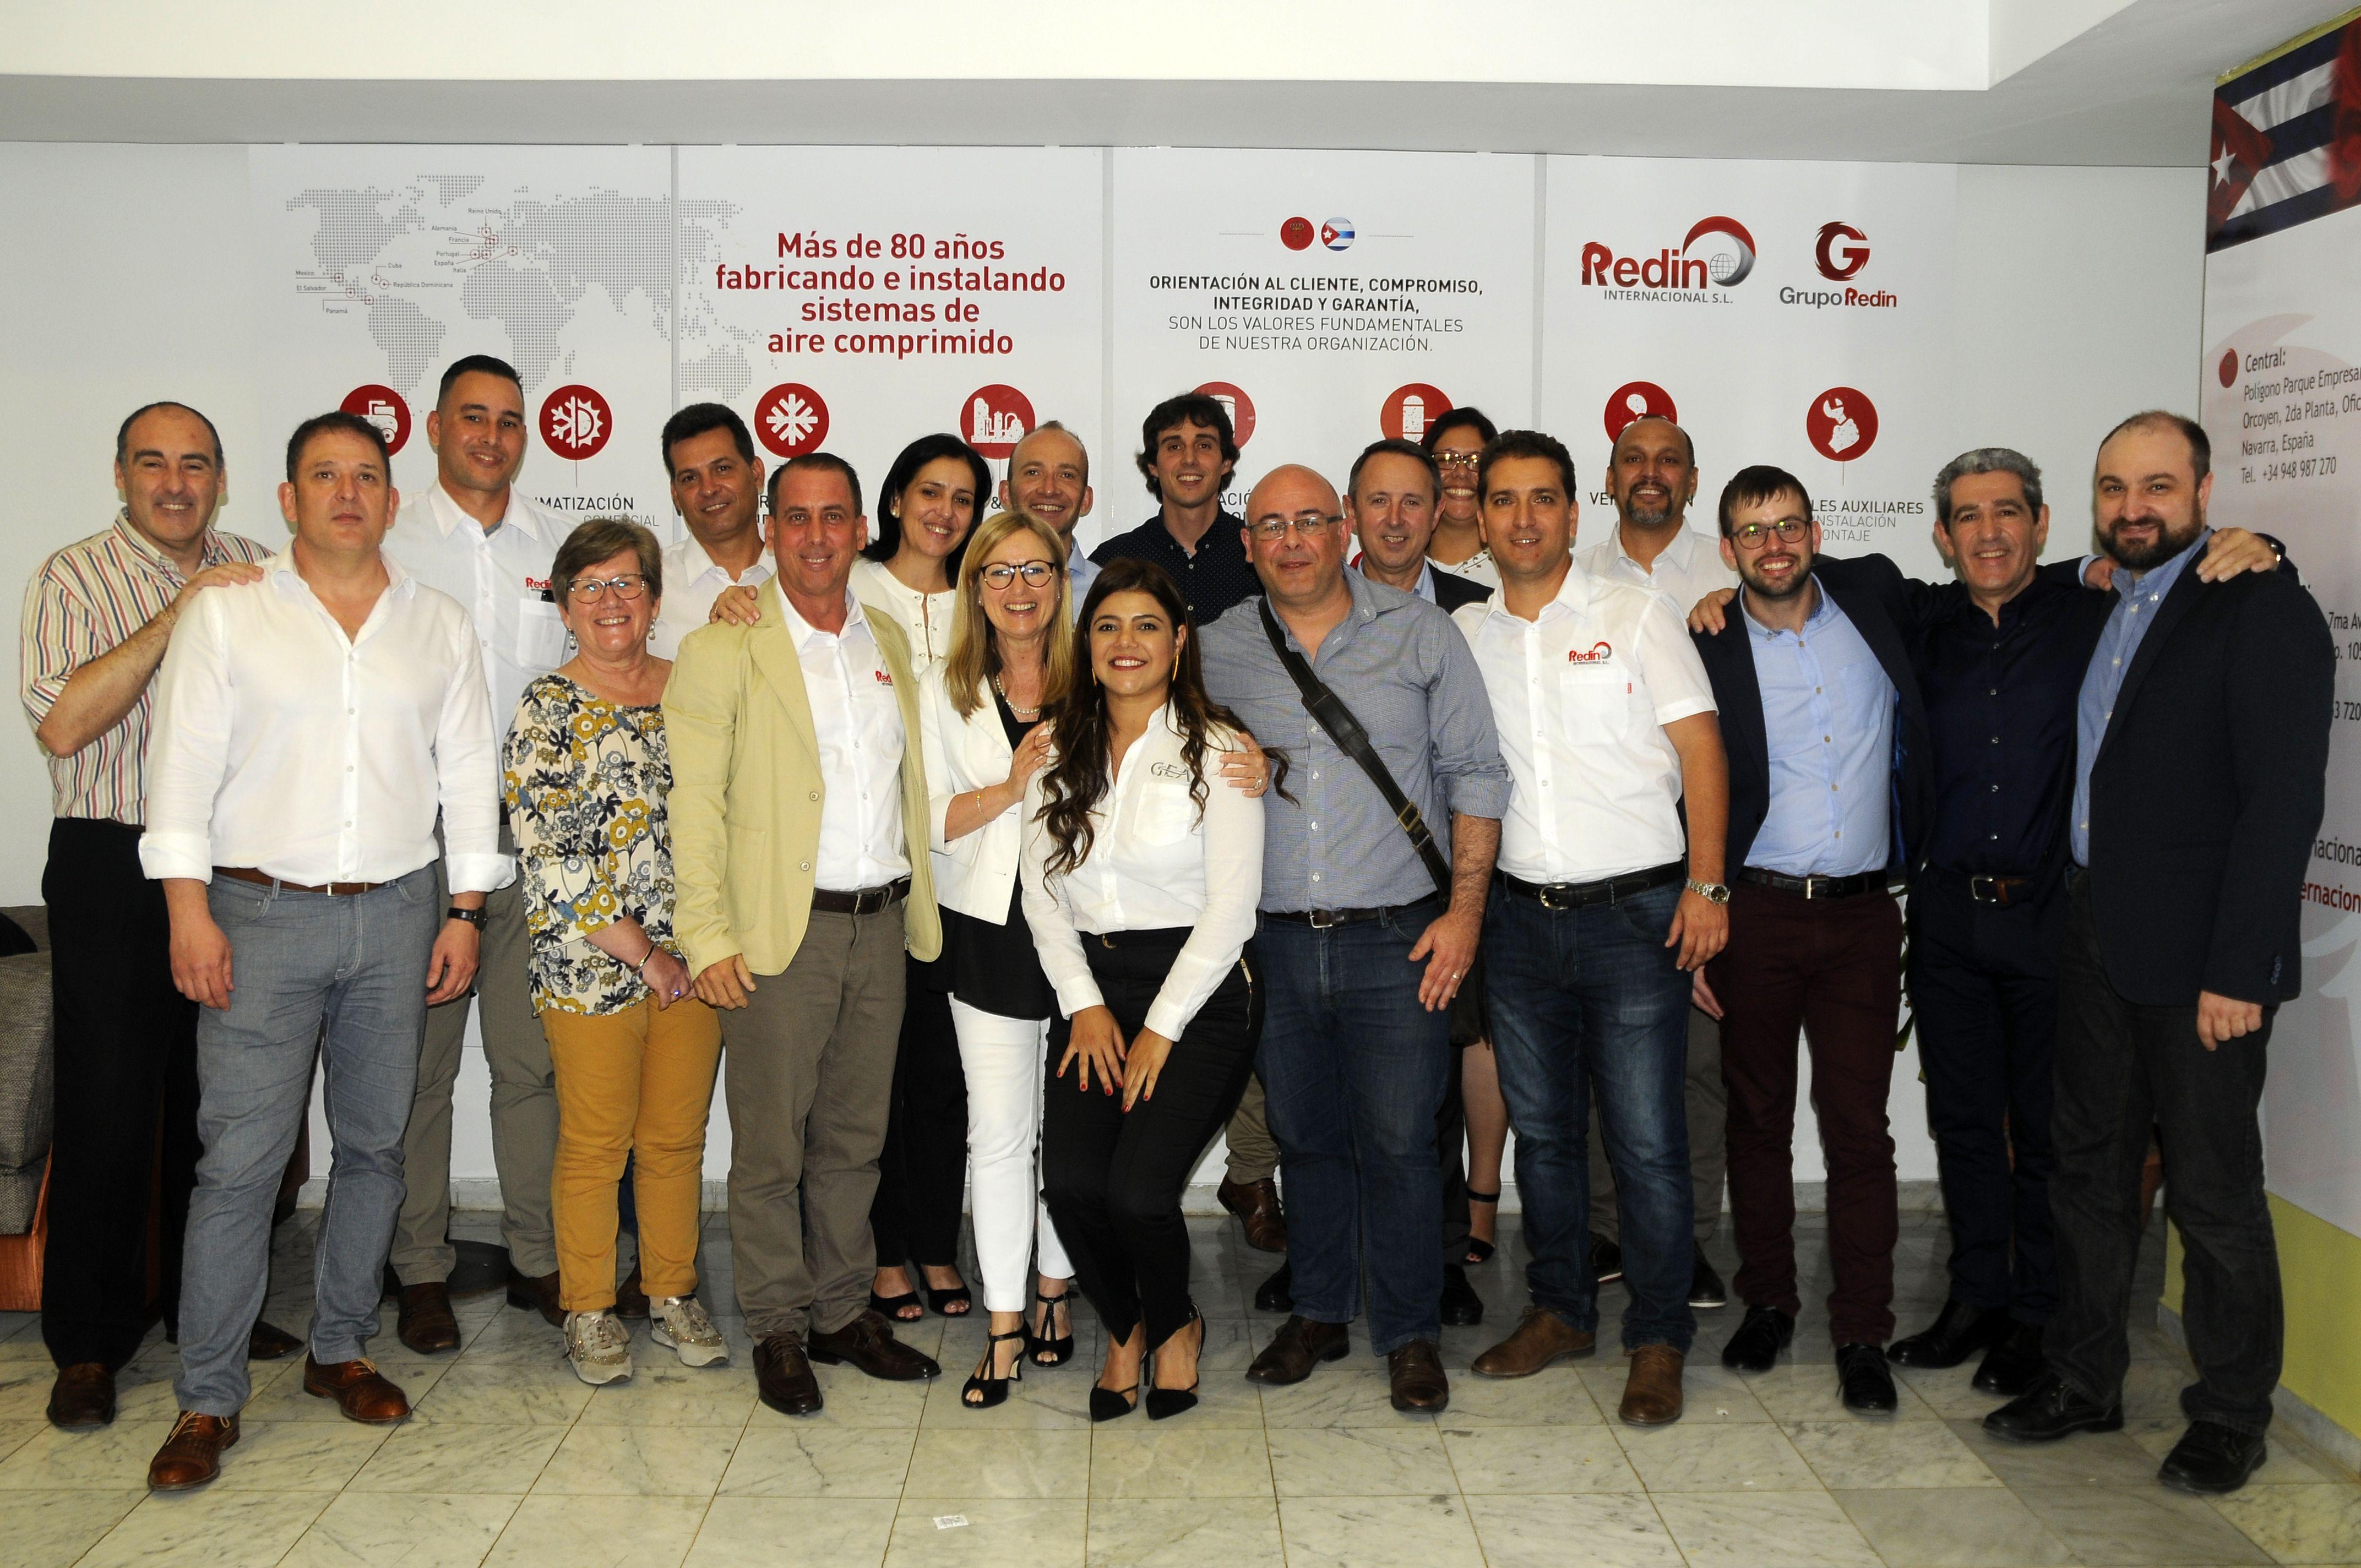 Foto de los Compañeros de Redin Internacional y sus partners.